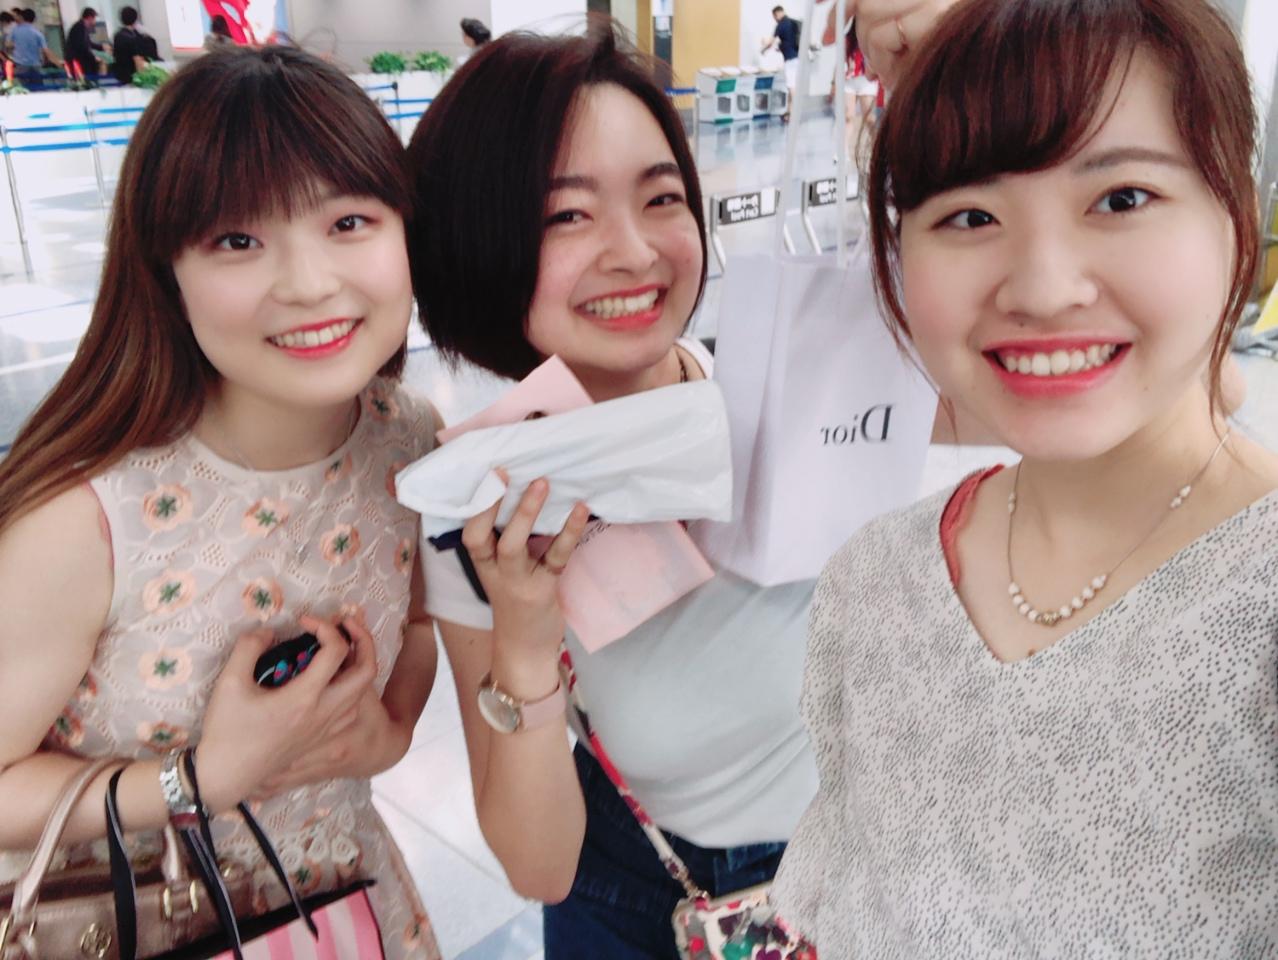 日本を出国する日、空港まで迎えに来てくれた友達